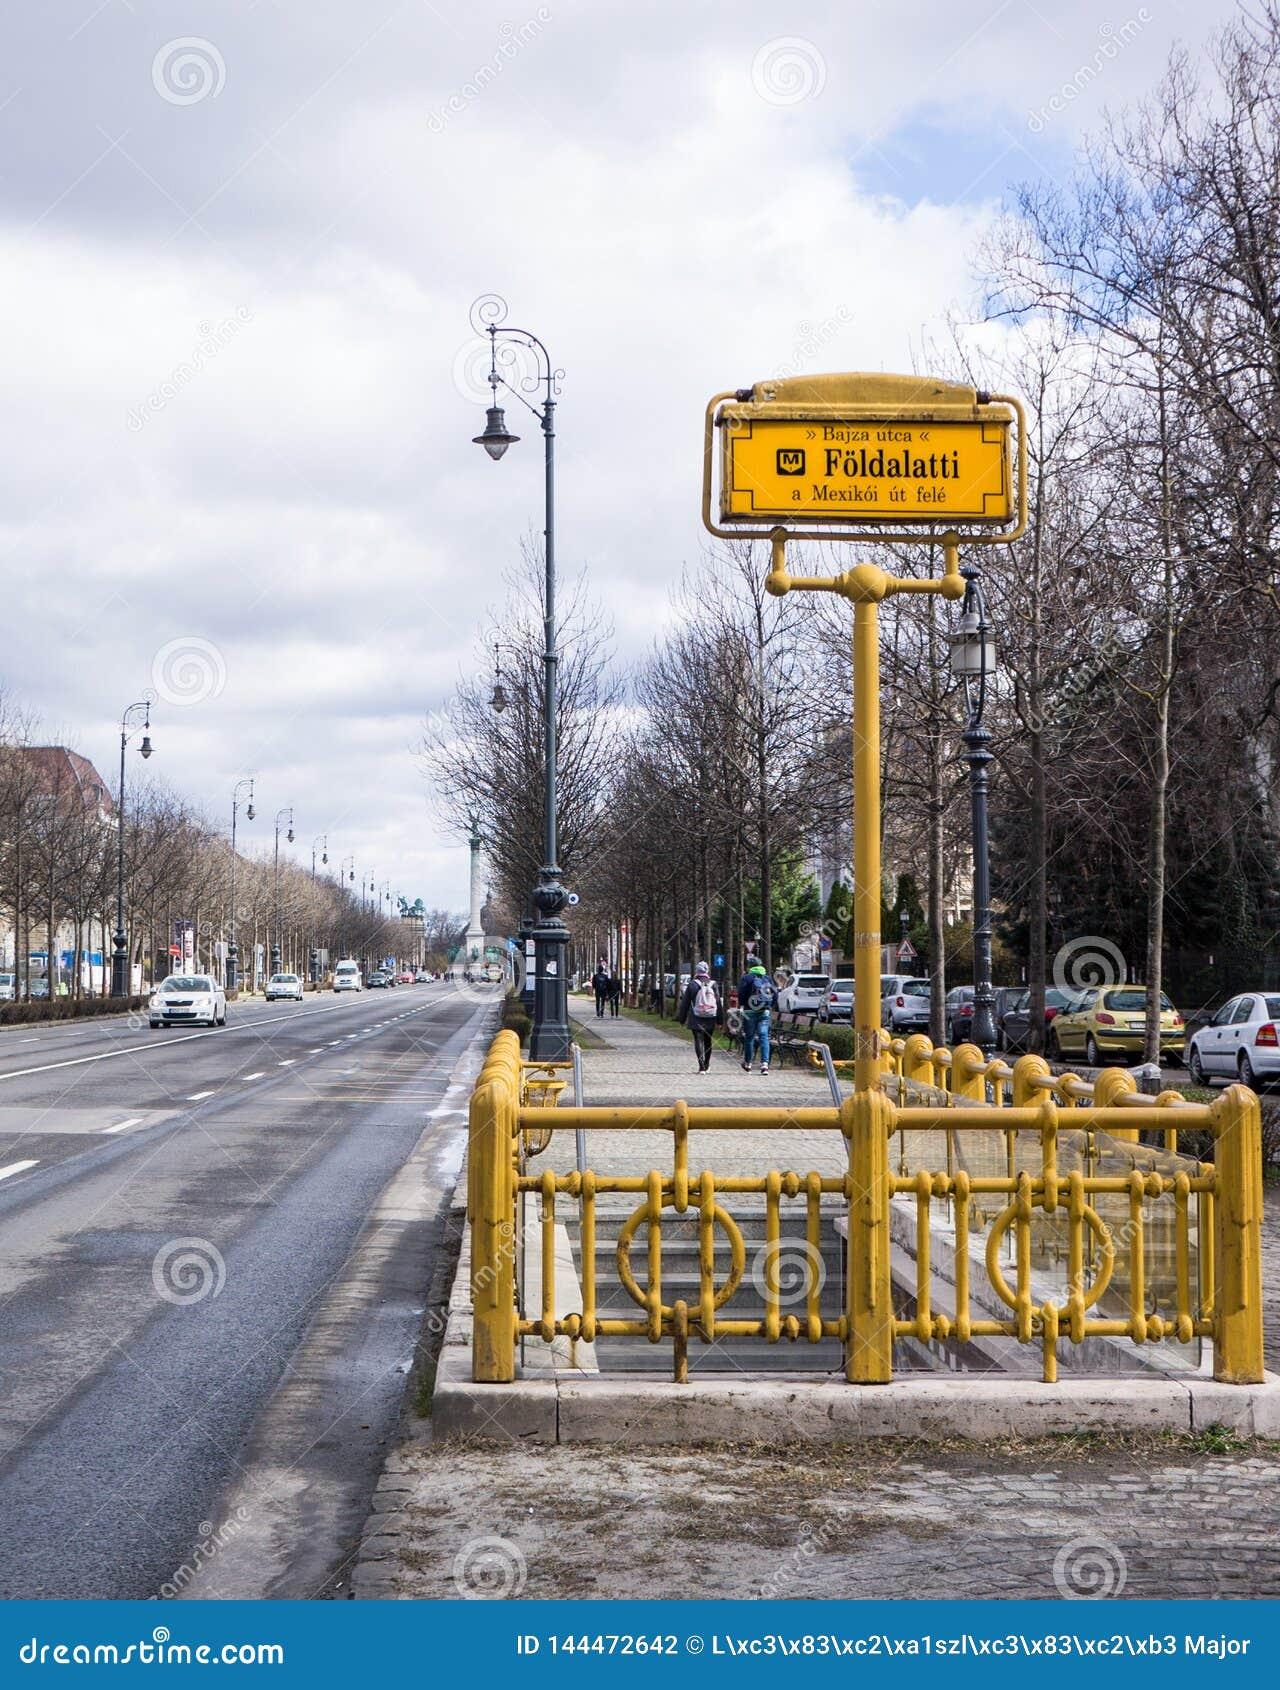 Il segno della fermata della metropolitana della linea m1 della metropolitana a Budapest